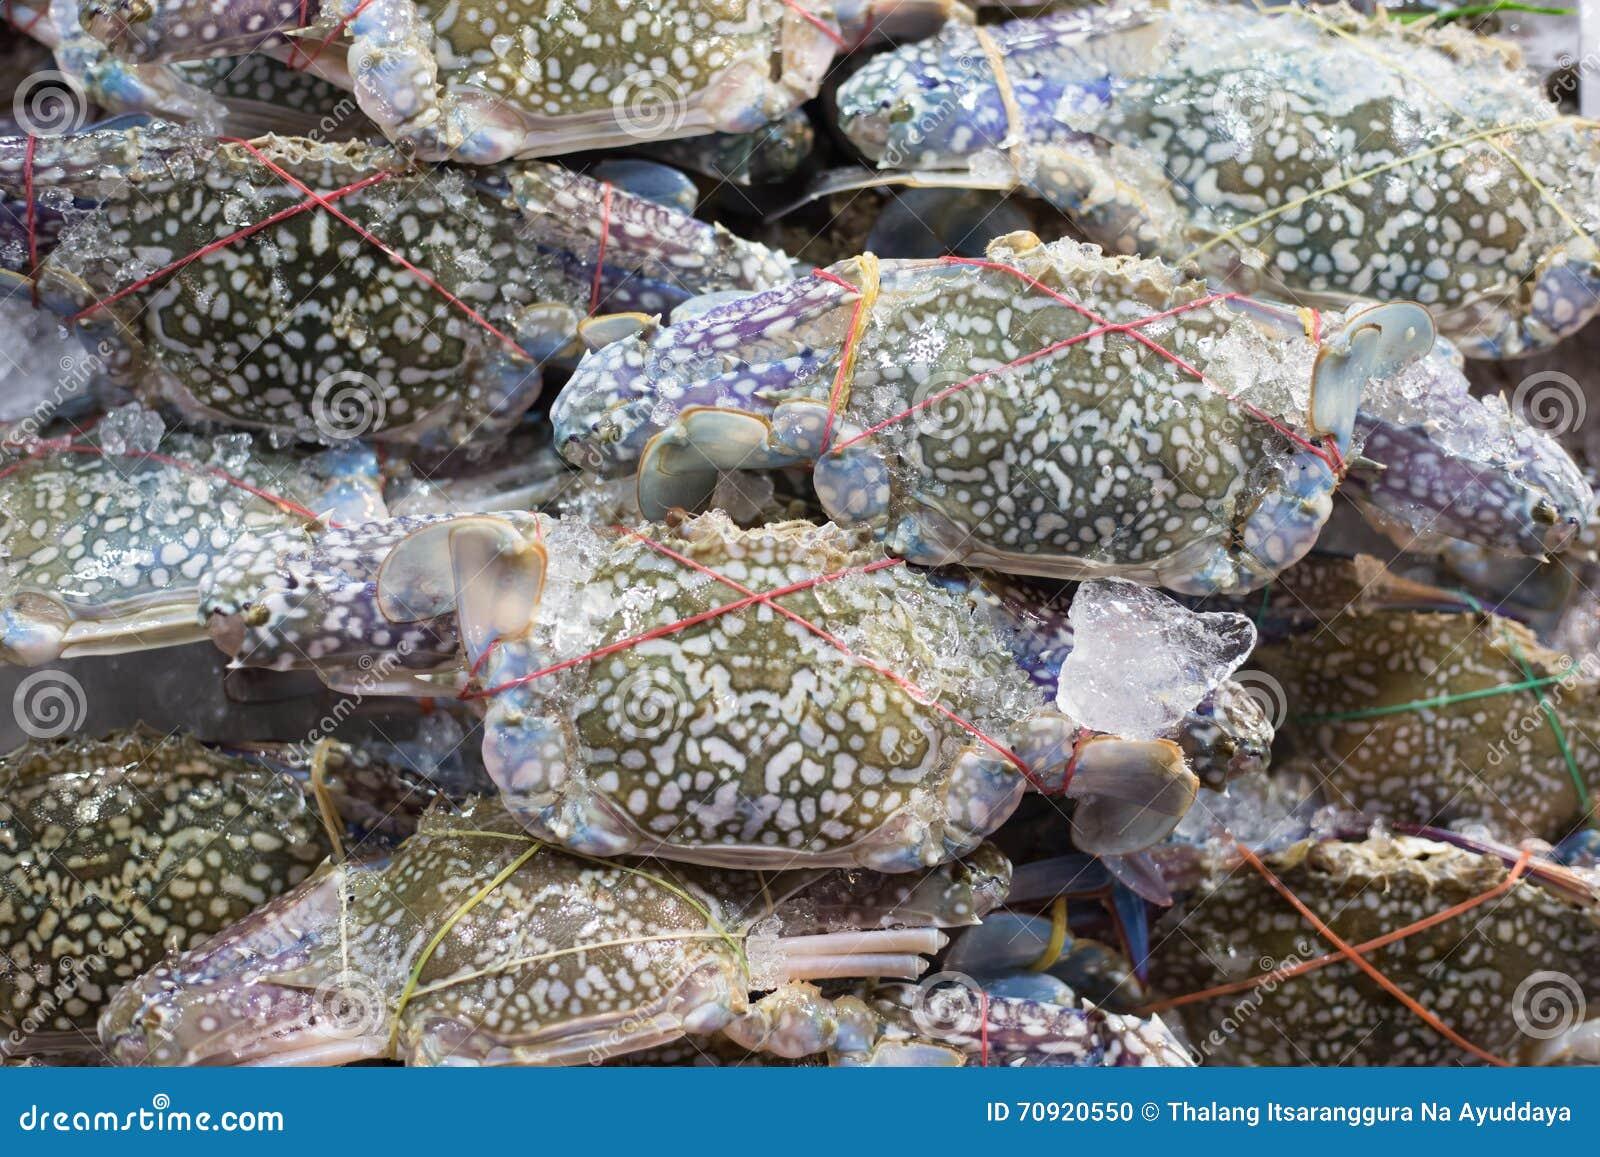 Свежий голубой рак на рынке морепродуктов